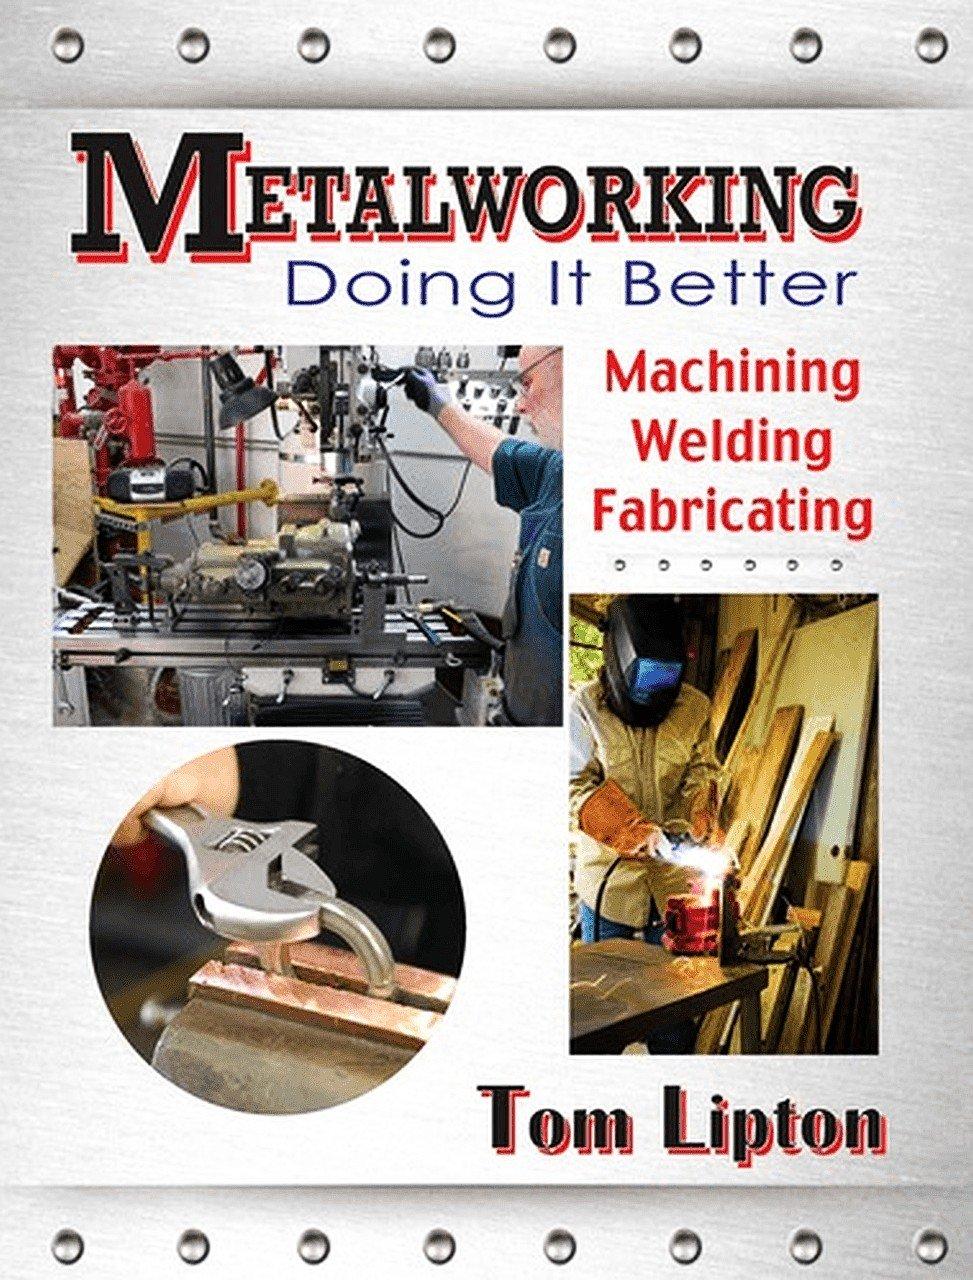 Metalworking - Doing it Better: Machining, Welding, Fabricating:  Amazon.co.uk: Tom Lipton: 9780831134761: Books